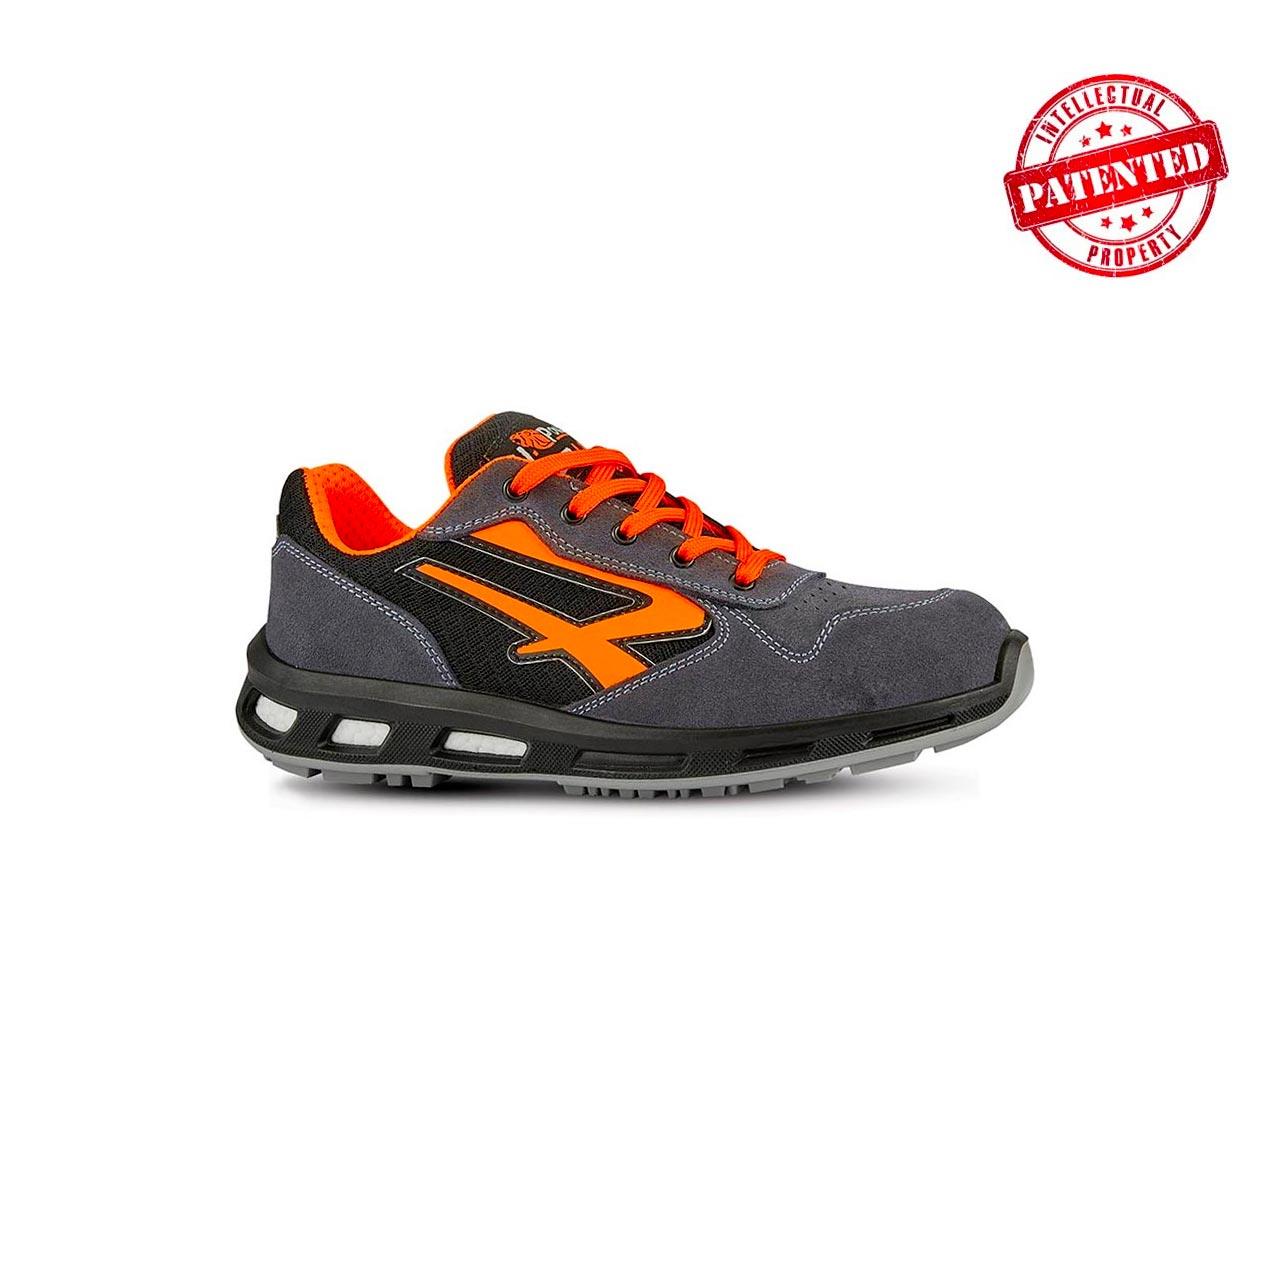 scarpa antinfortunistica upower modello orange linea redlion vista laterale